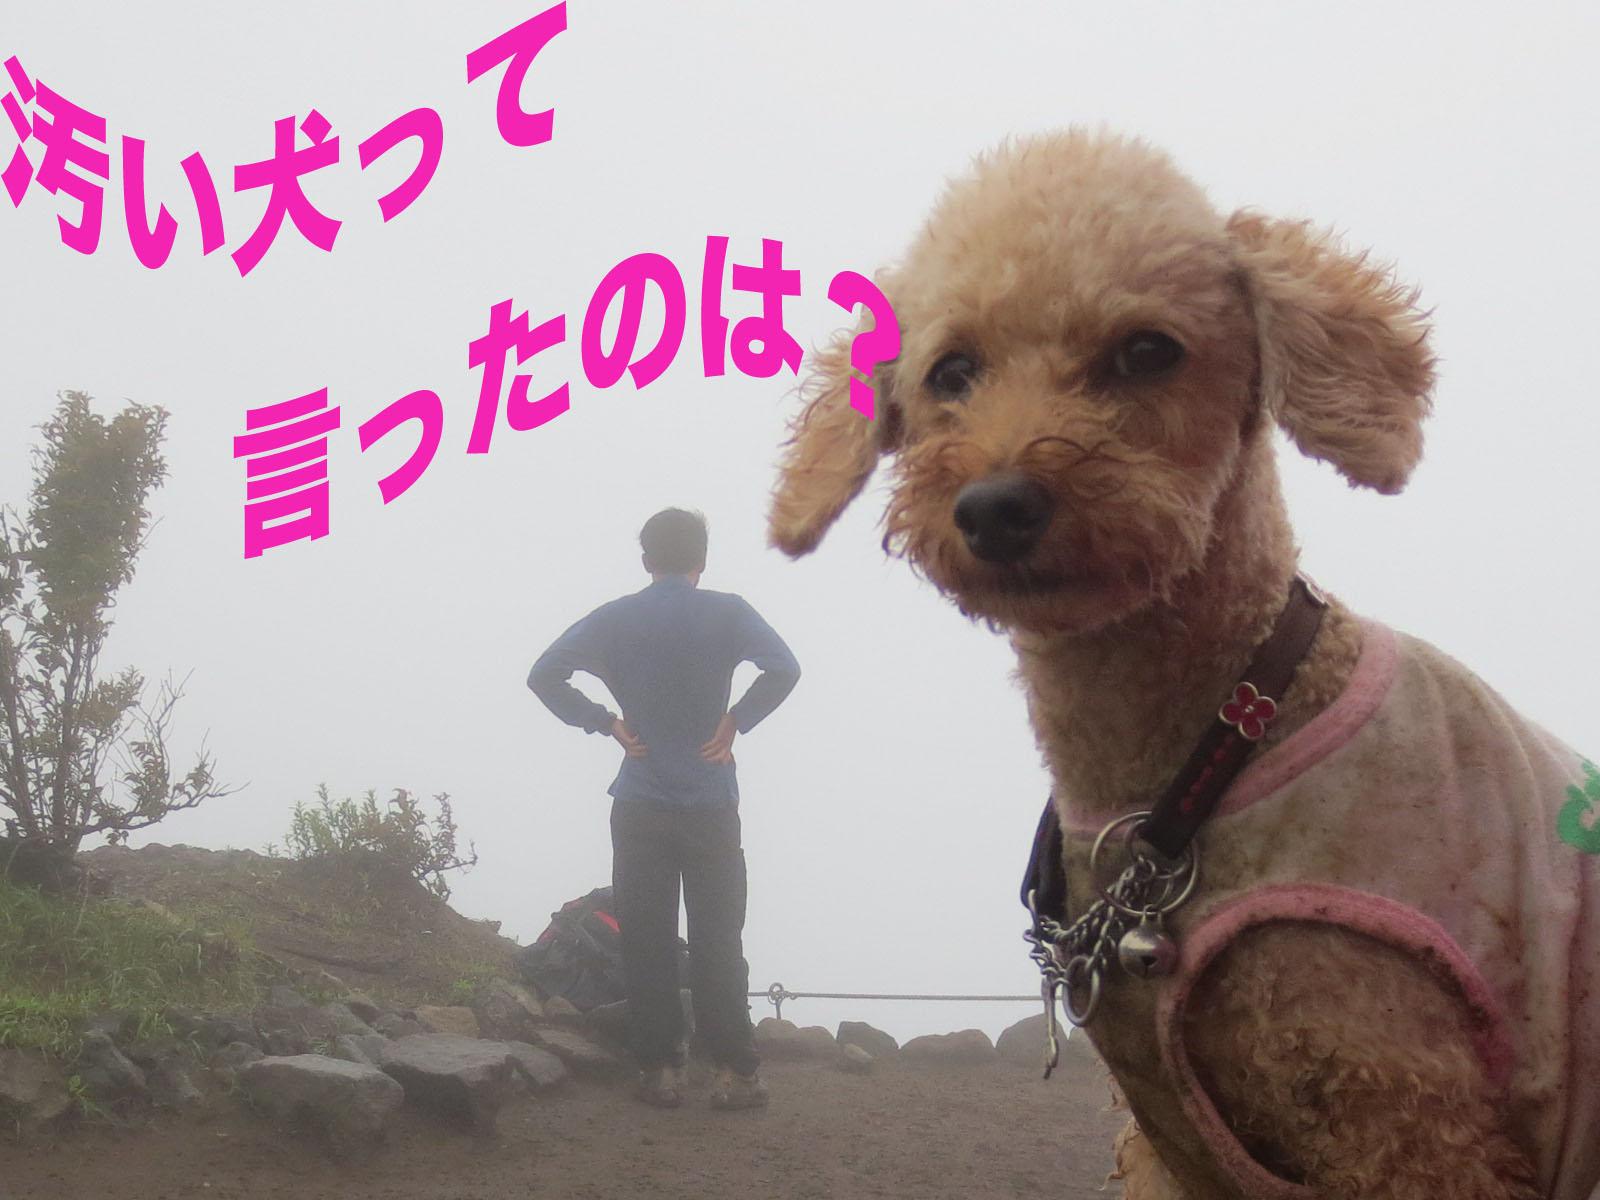 箱根・明神ヶ岳を登って来ました〜_a0109467_2235326.jpg